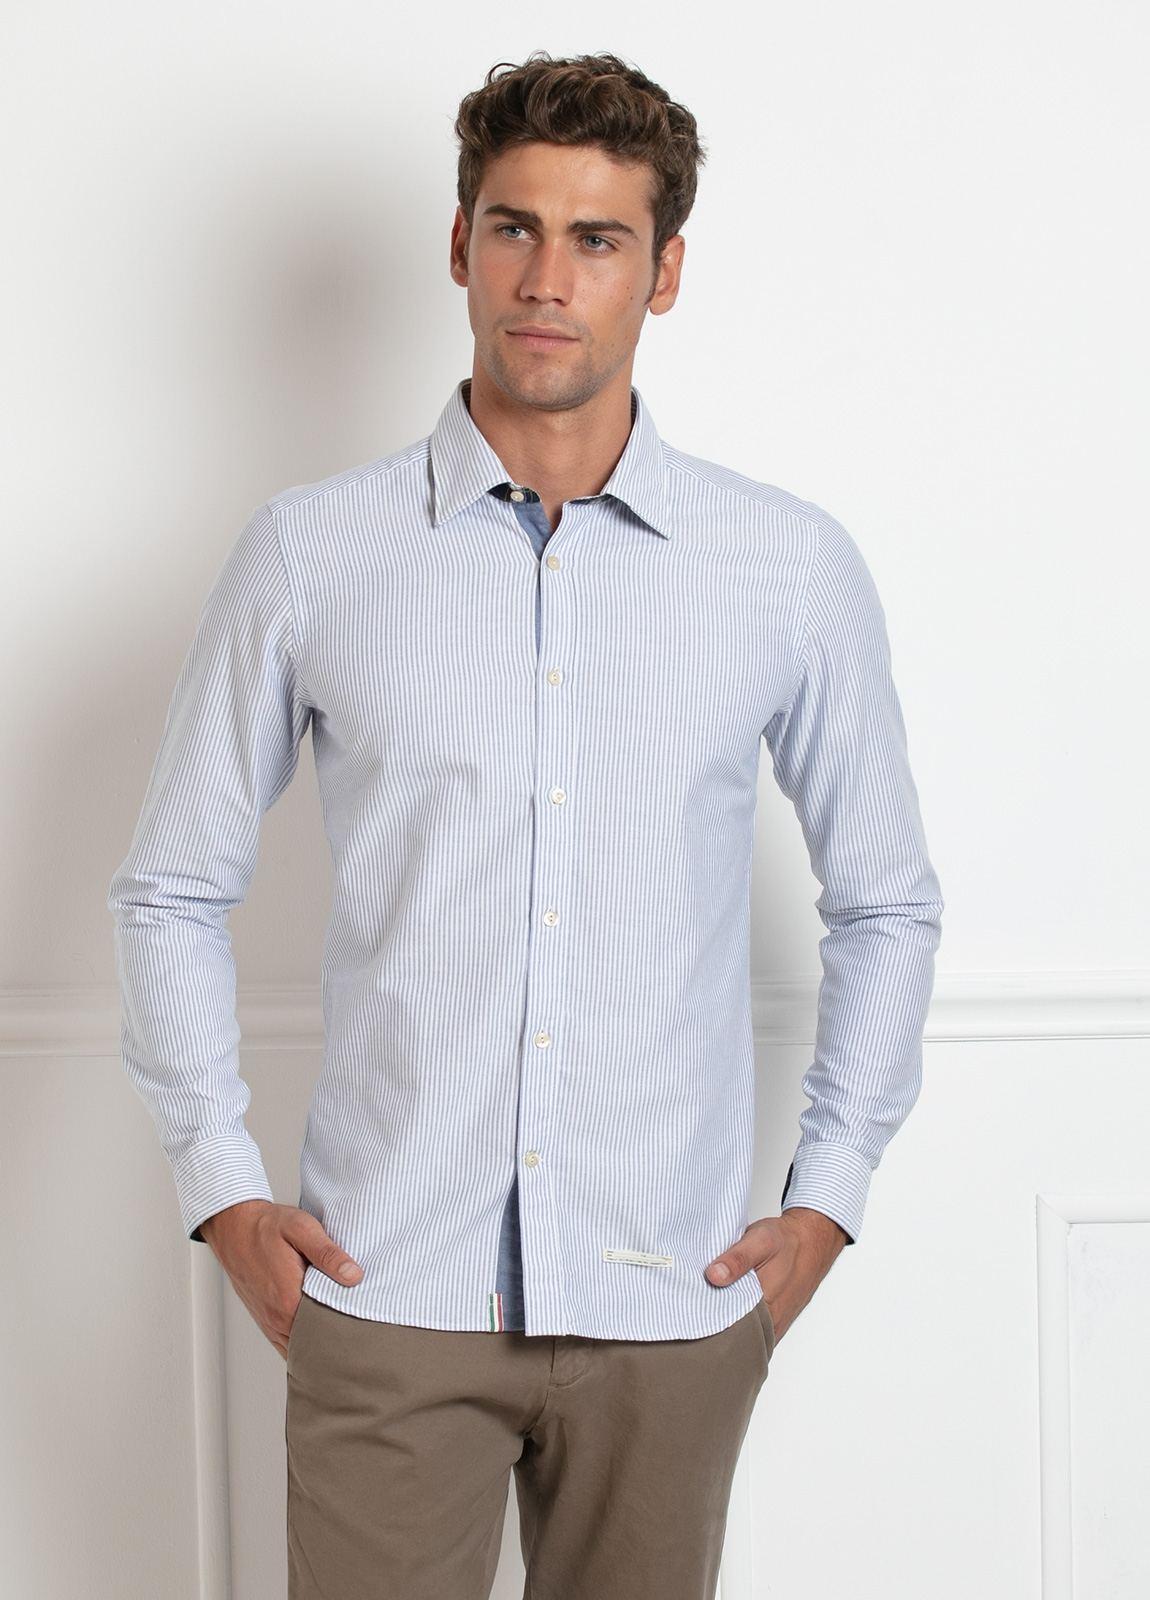 Camisa sport SLIM FIT, raya fina combinada con interior puños y cuello de cuadros, color azul celeste. 100% Algodón.